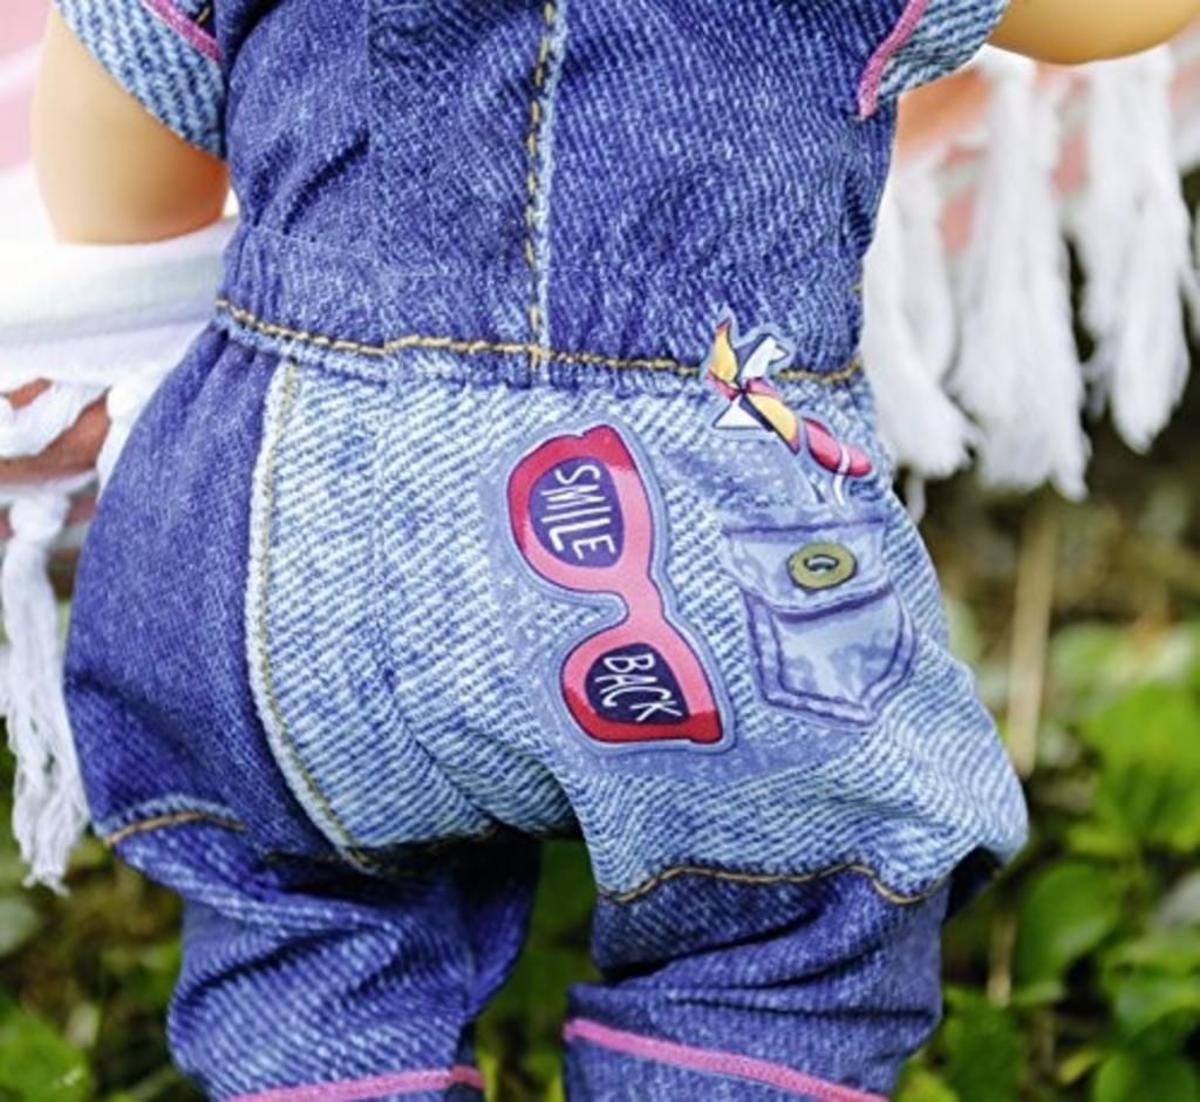 Bild 5 von 1 Set BABY born Deluxe Jeans Collection, Puppen-Kleiderset, 3 Jahr(e), Mehrfarben, 43 cm, Mädchen, 43 cm, 2-fach sortiert